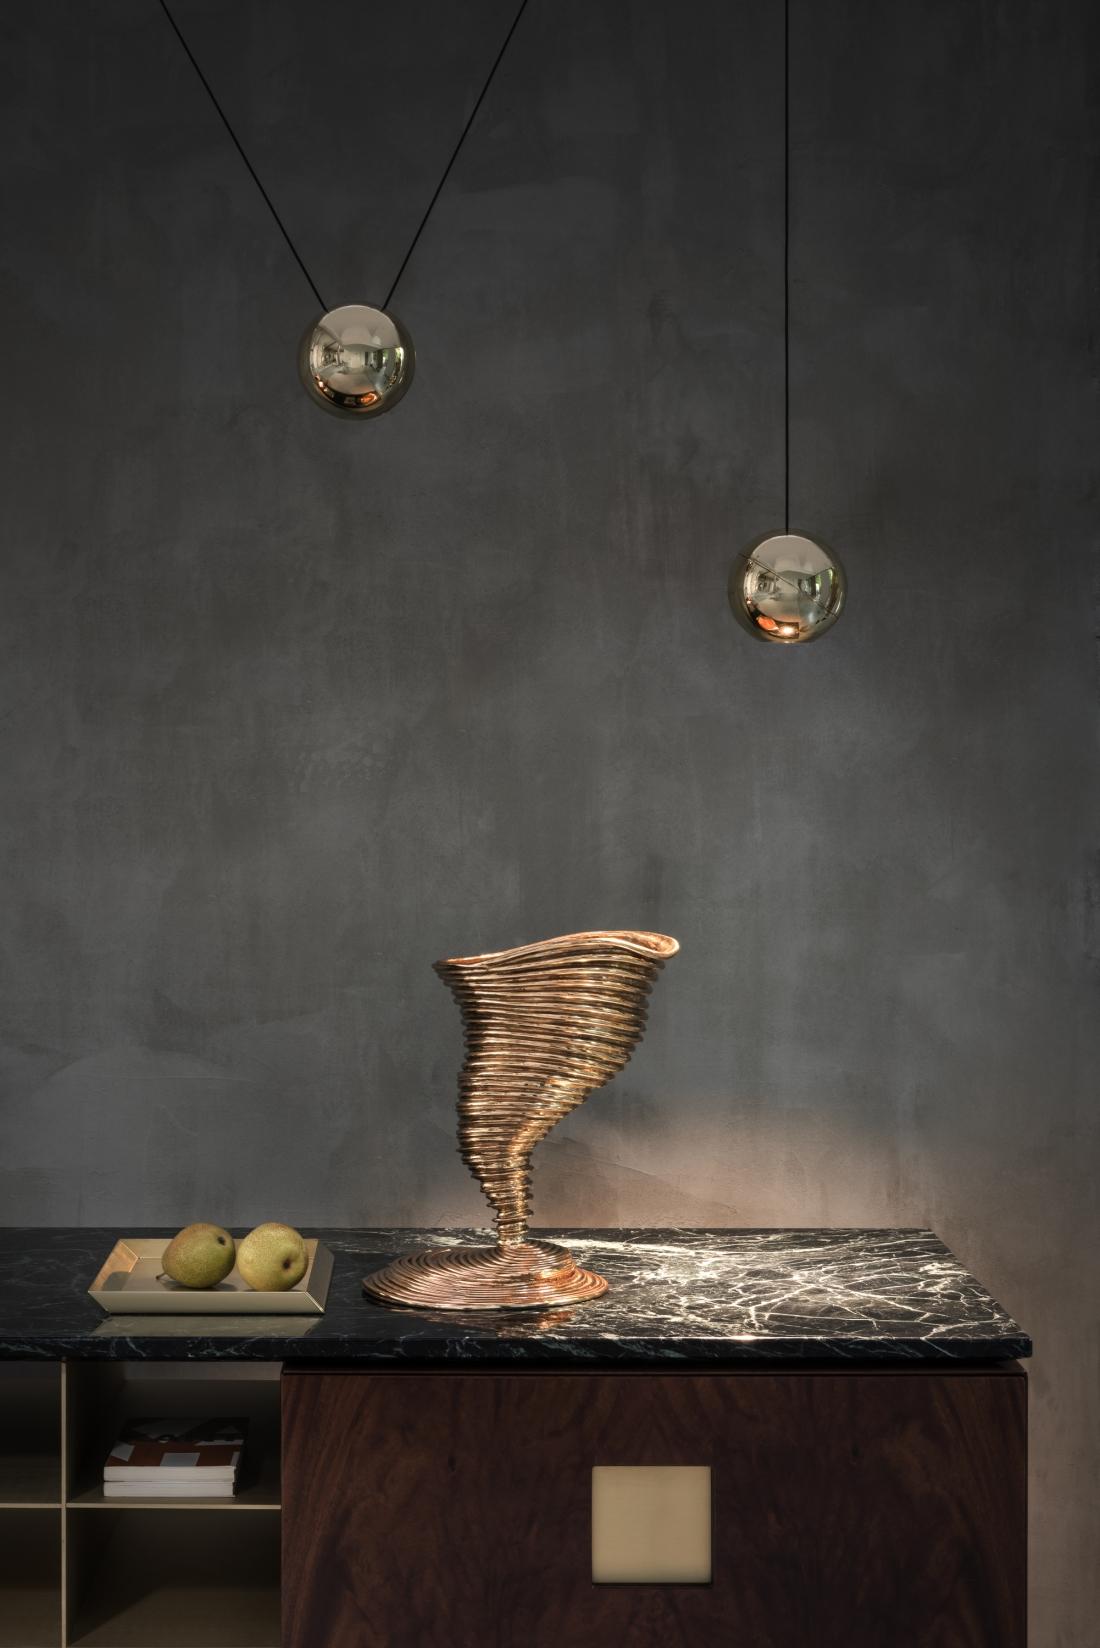 20 Sfere lamps Zuan cabinet_Tornado vase detail Fabrizio Bergamo